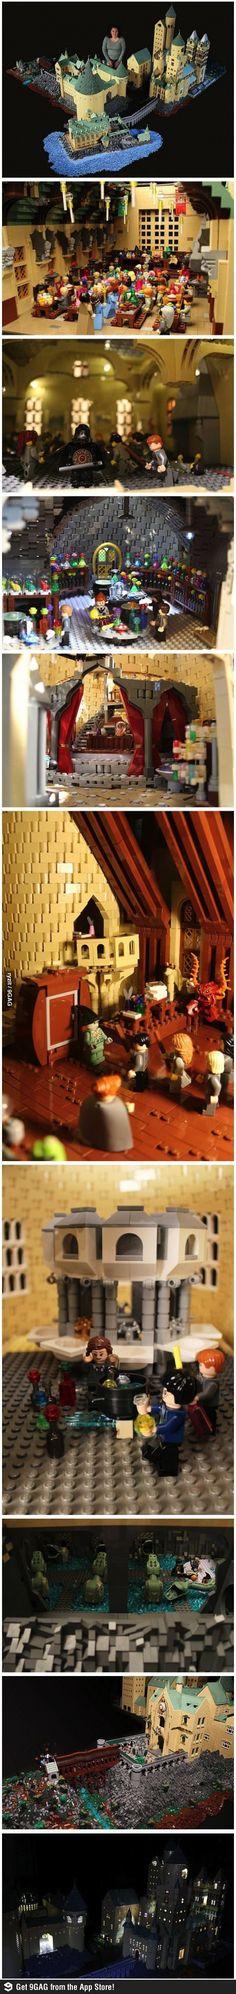 1 year, 400,000 legos ~ a full Hogwarts Replica @Amalia Fotini